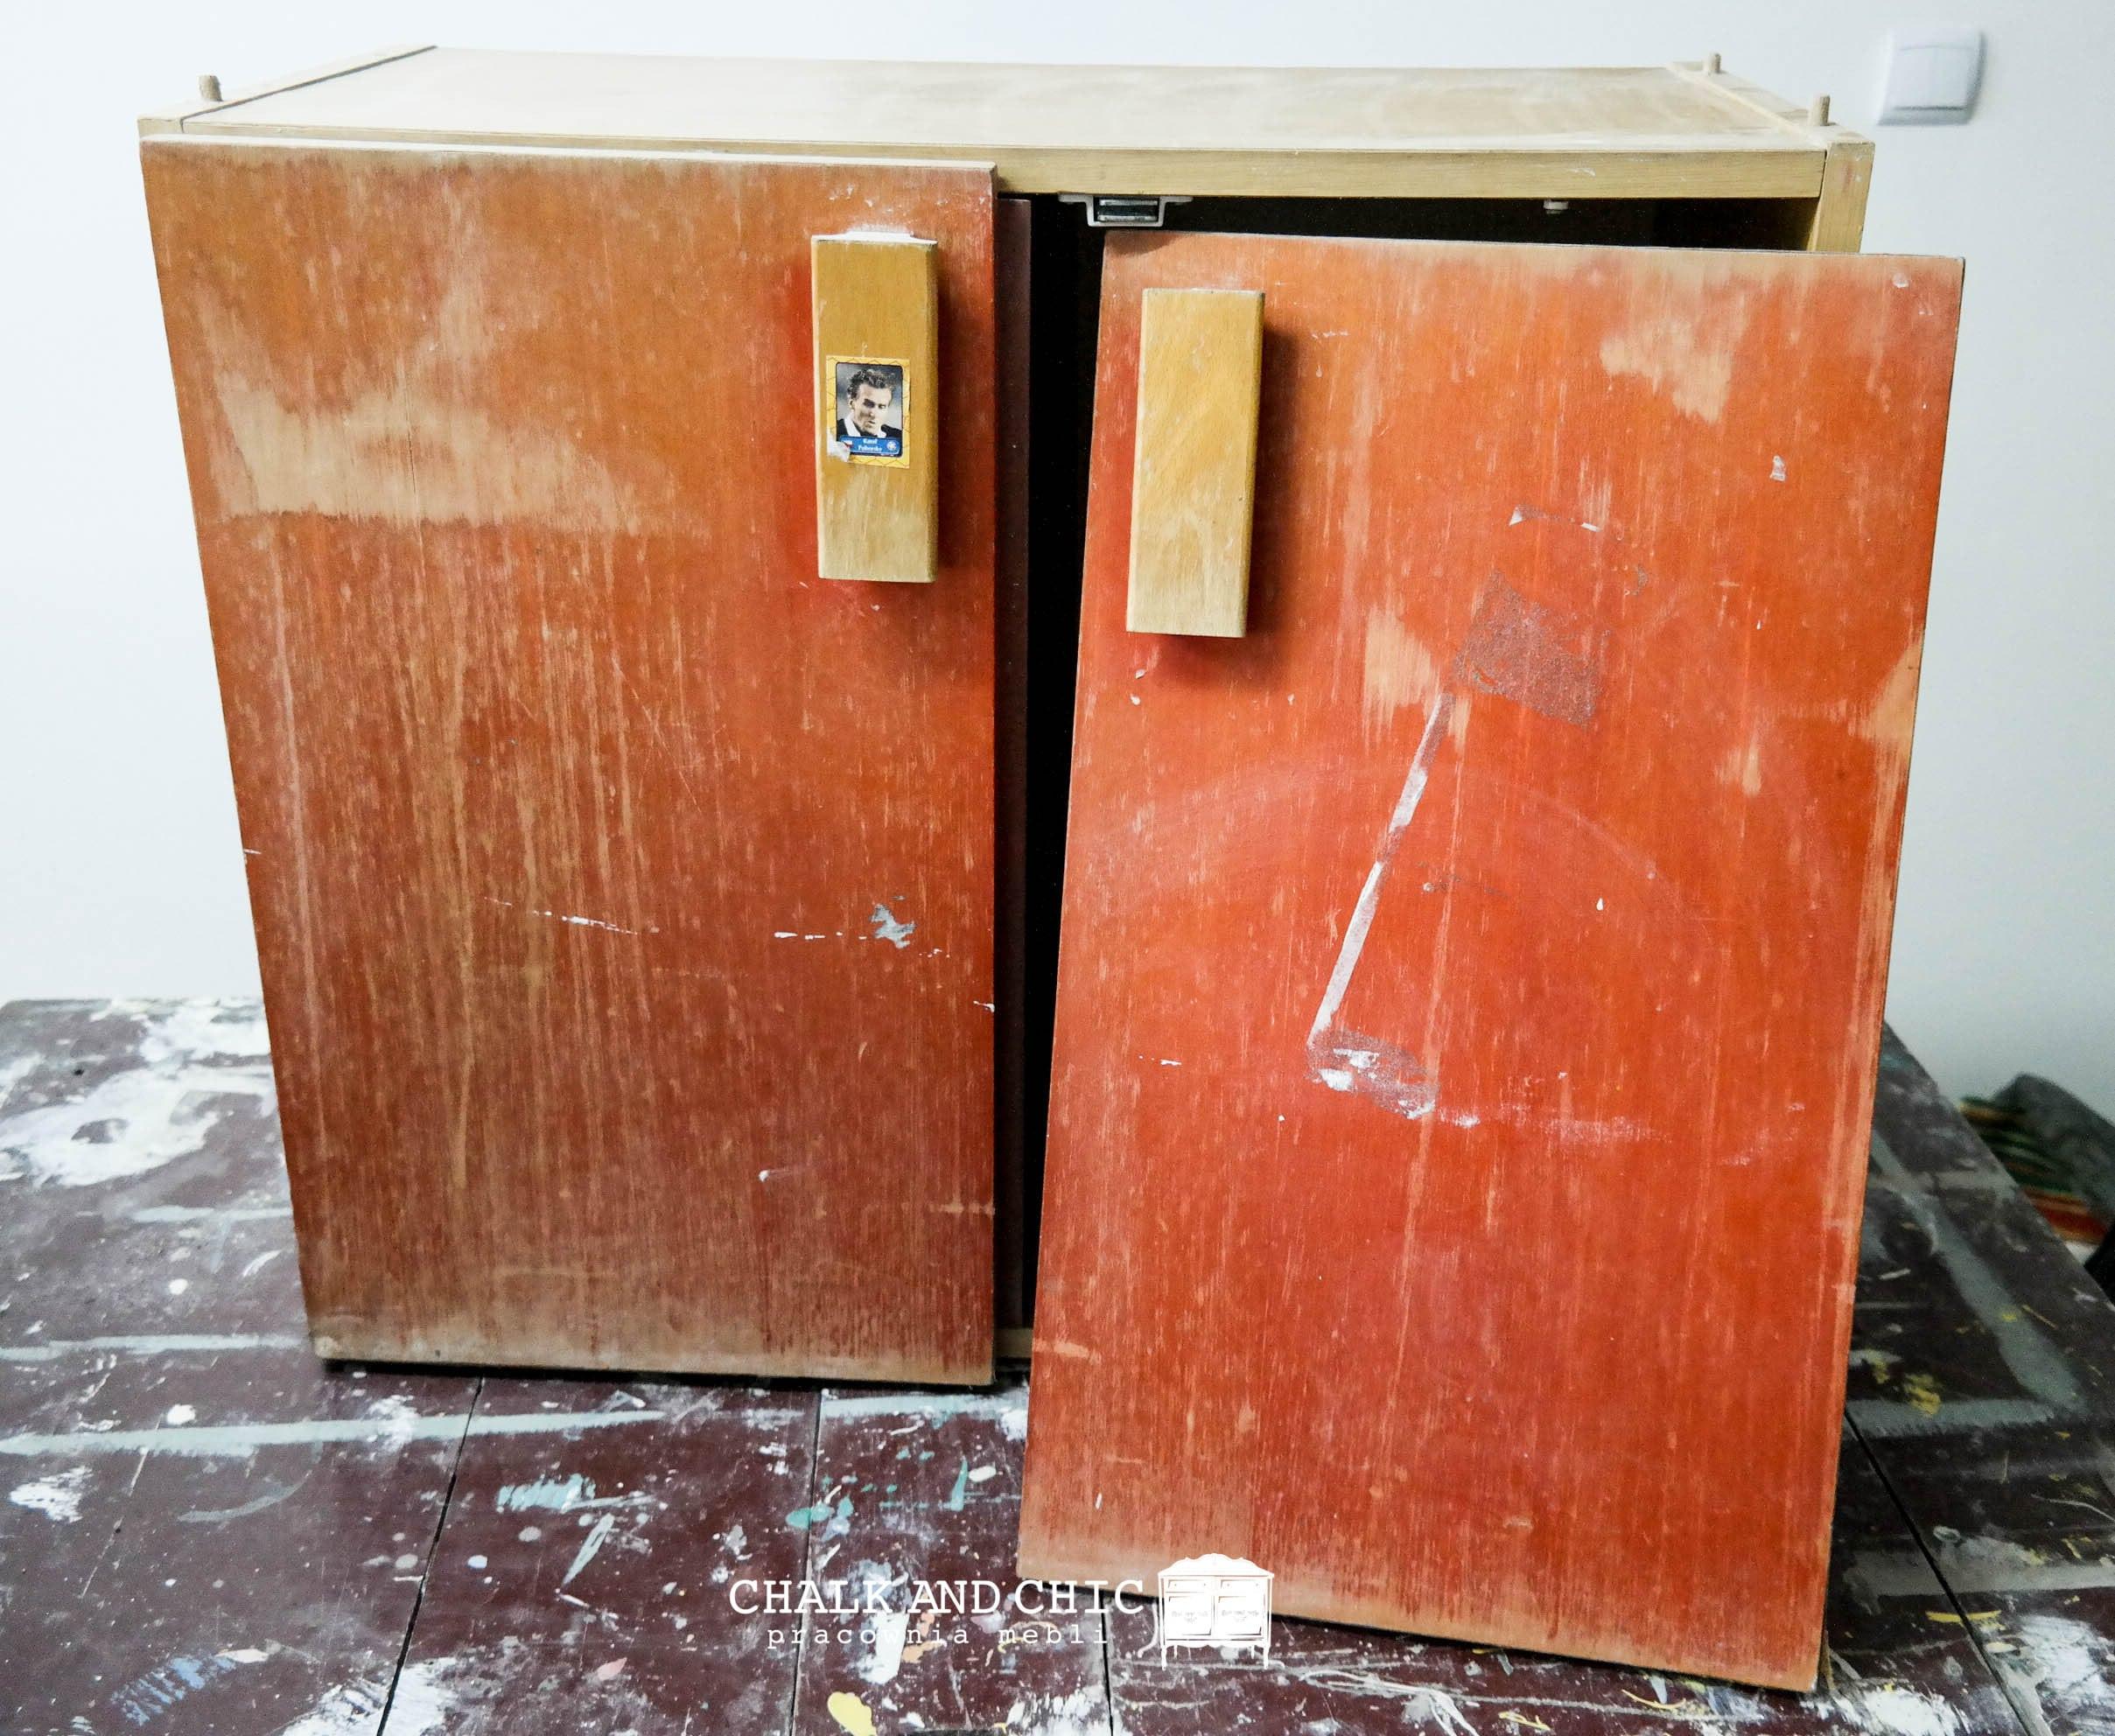 stara szafka jak odnowić starą szafkę farbami kredowymi aby wyglądała jak nowa